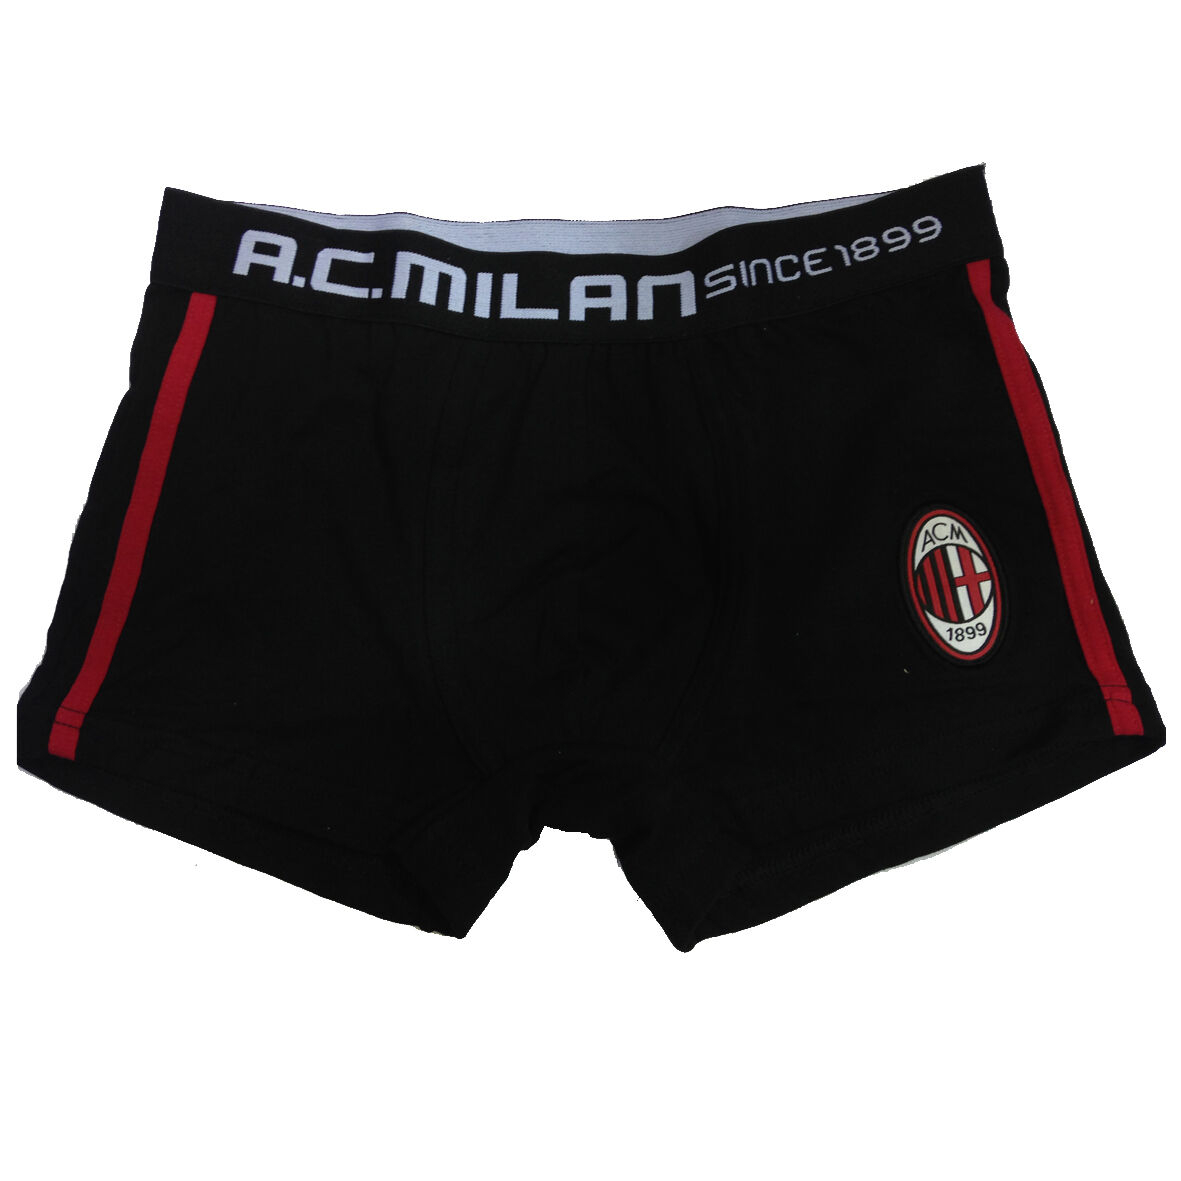 MILAN boxer uomo nero in cotone varie taglie underwear prodotto ufficiale